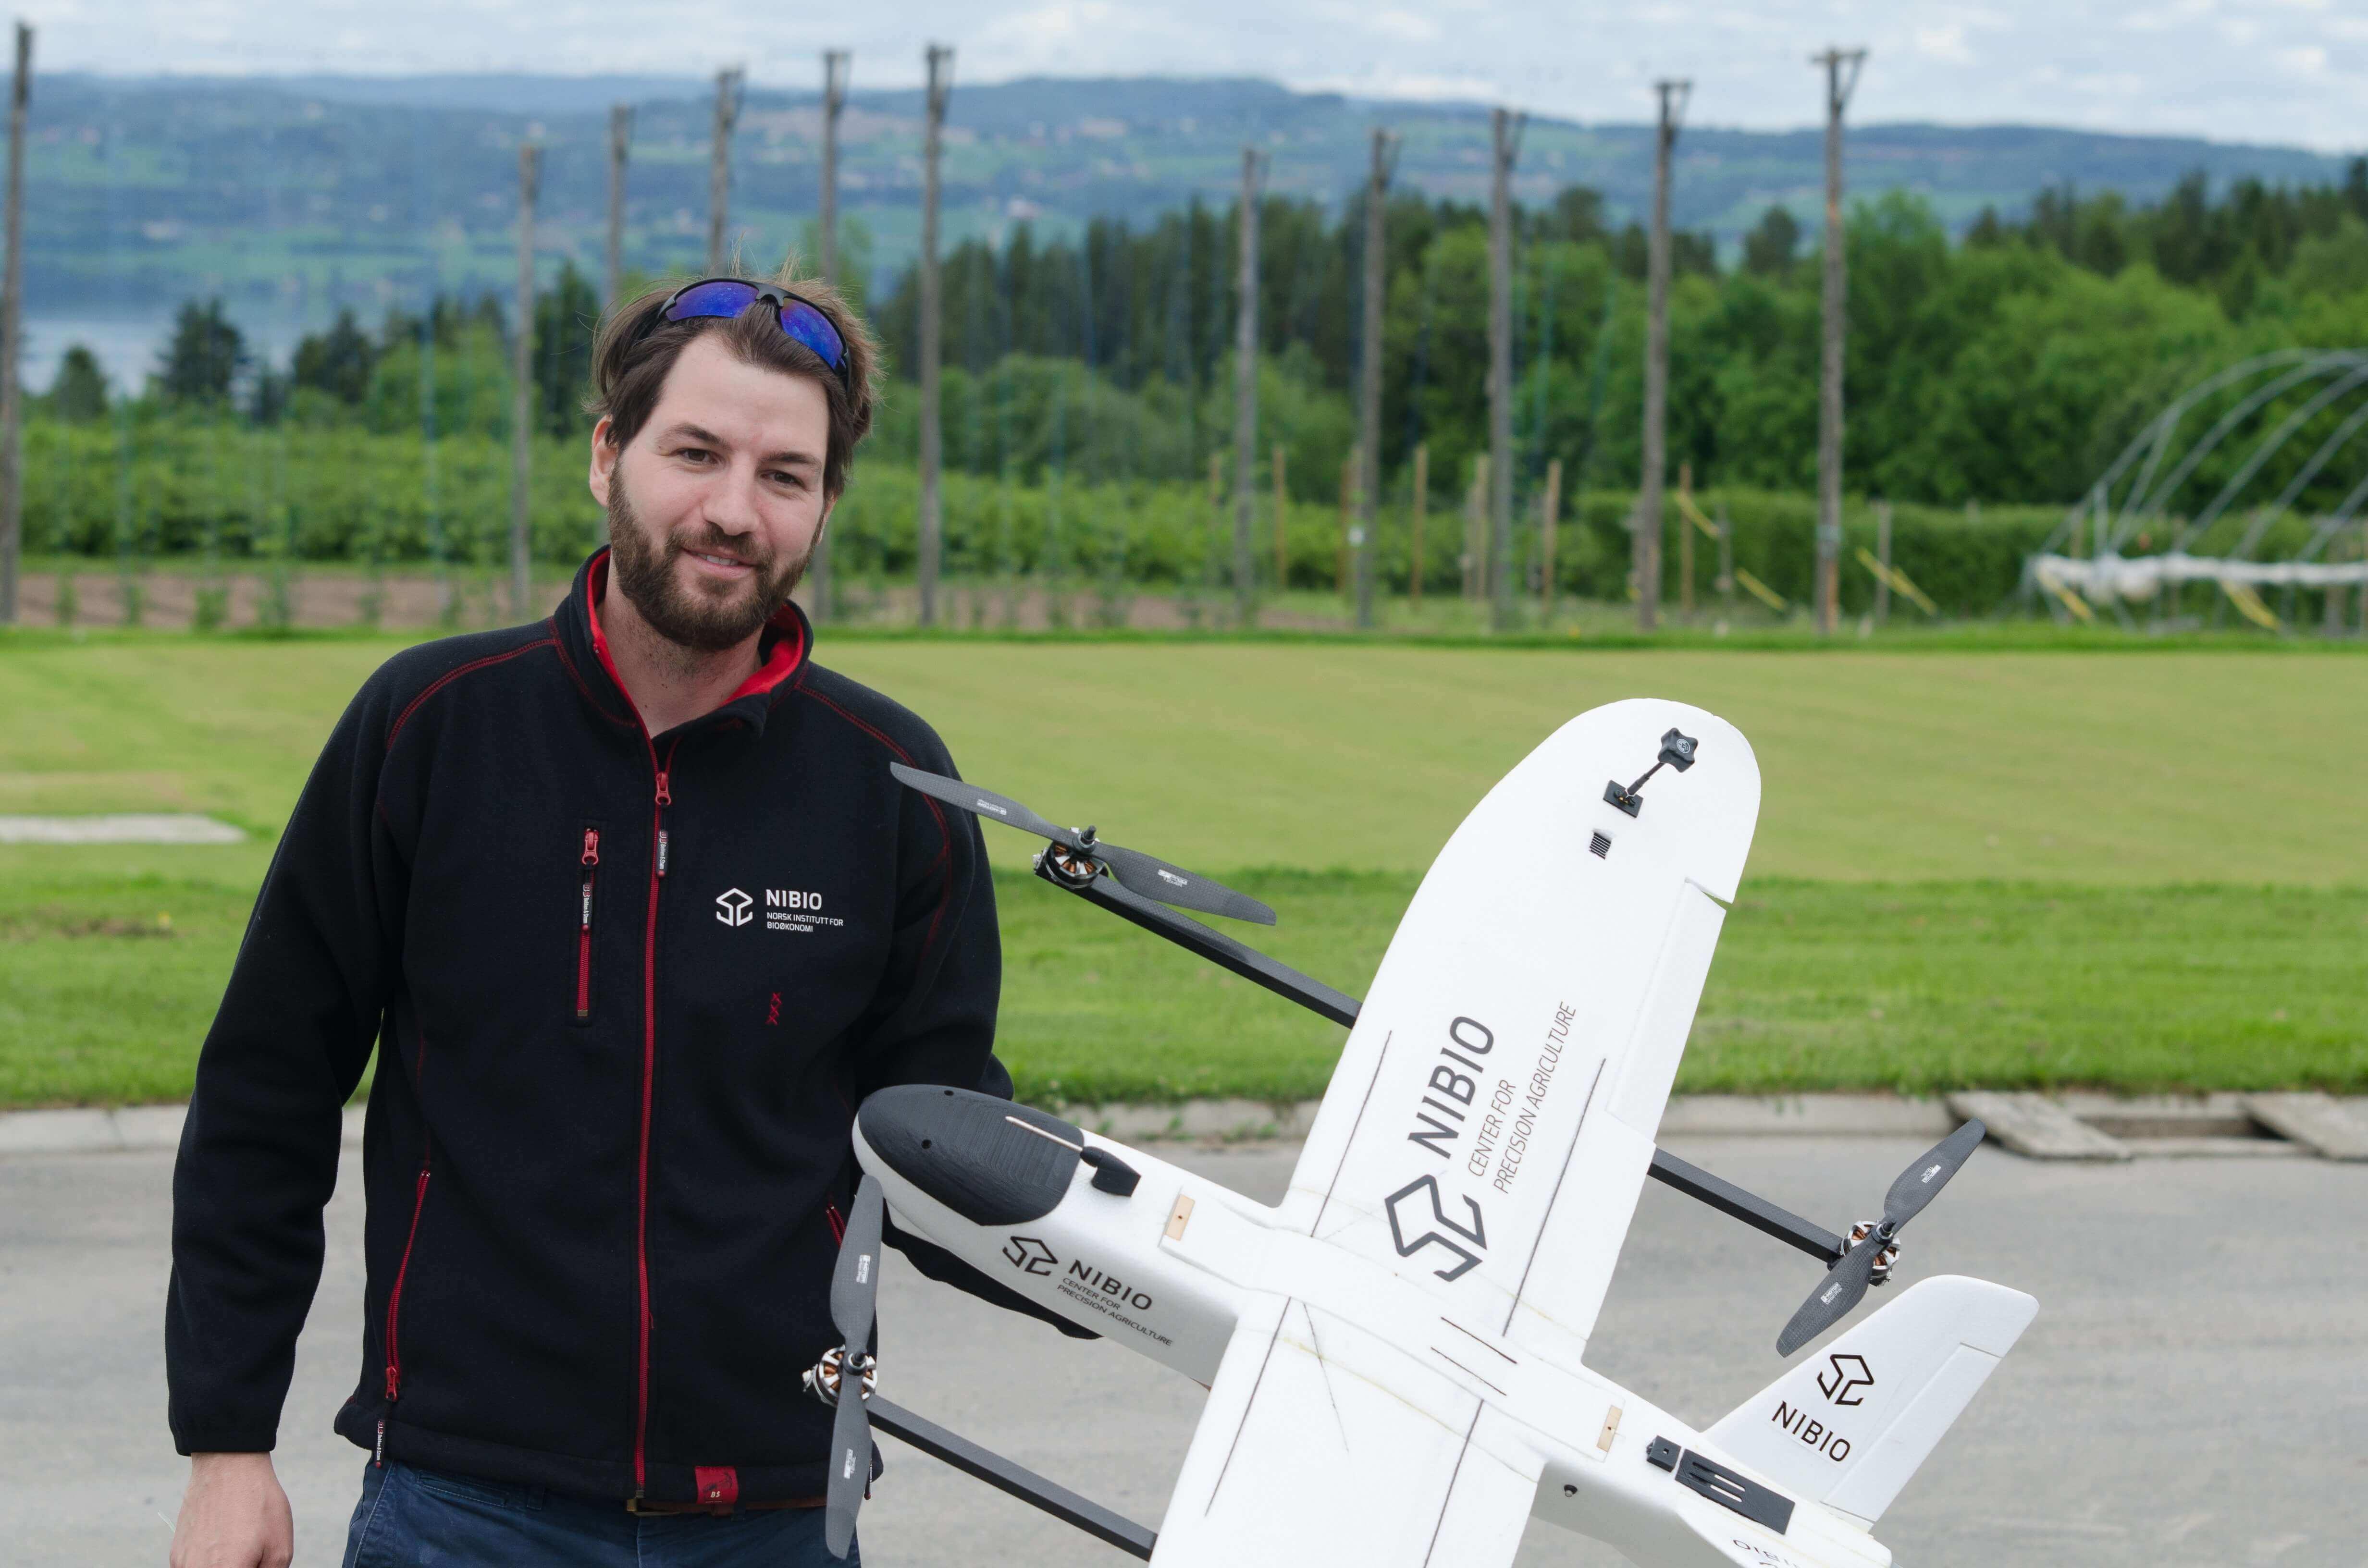 VTOL UAV prototype presentation